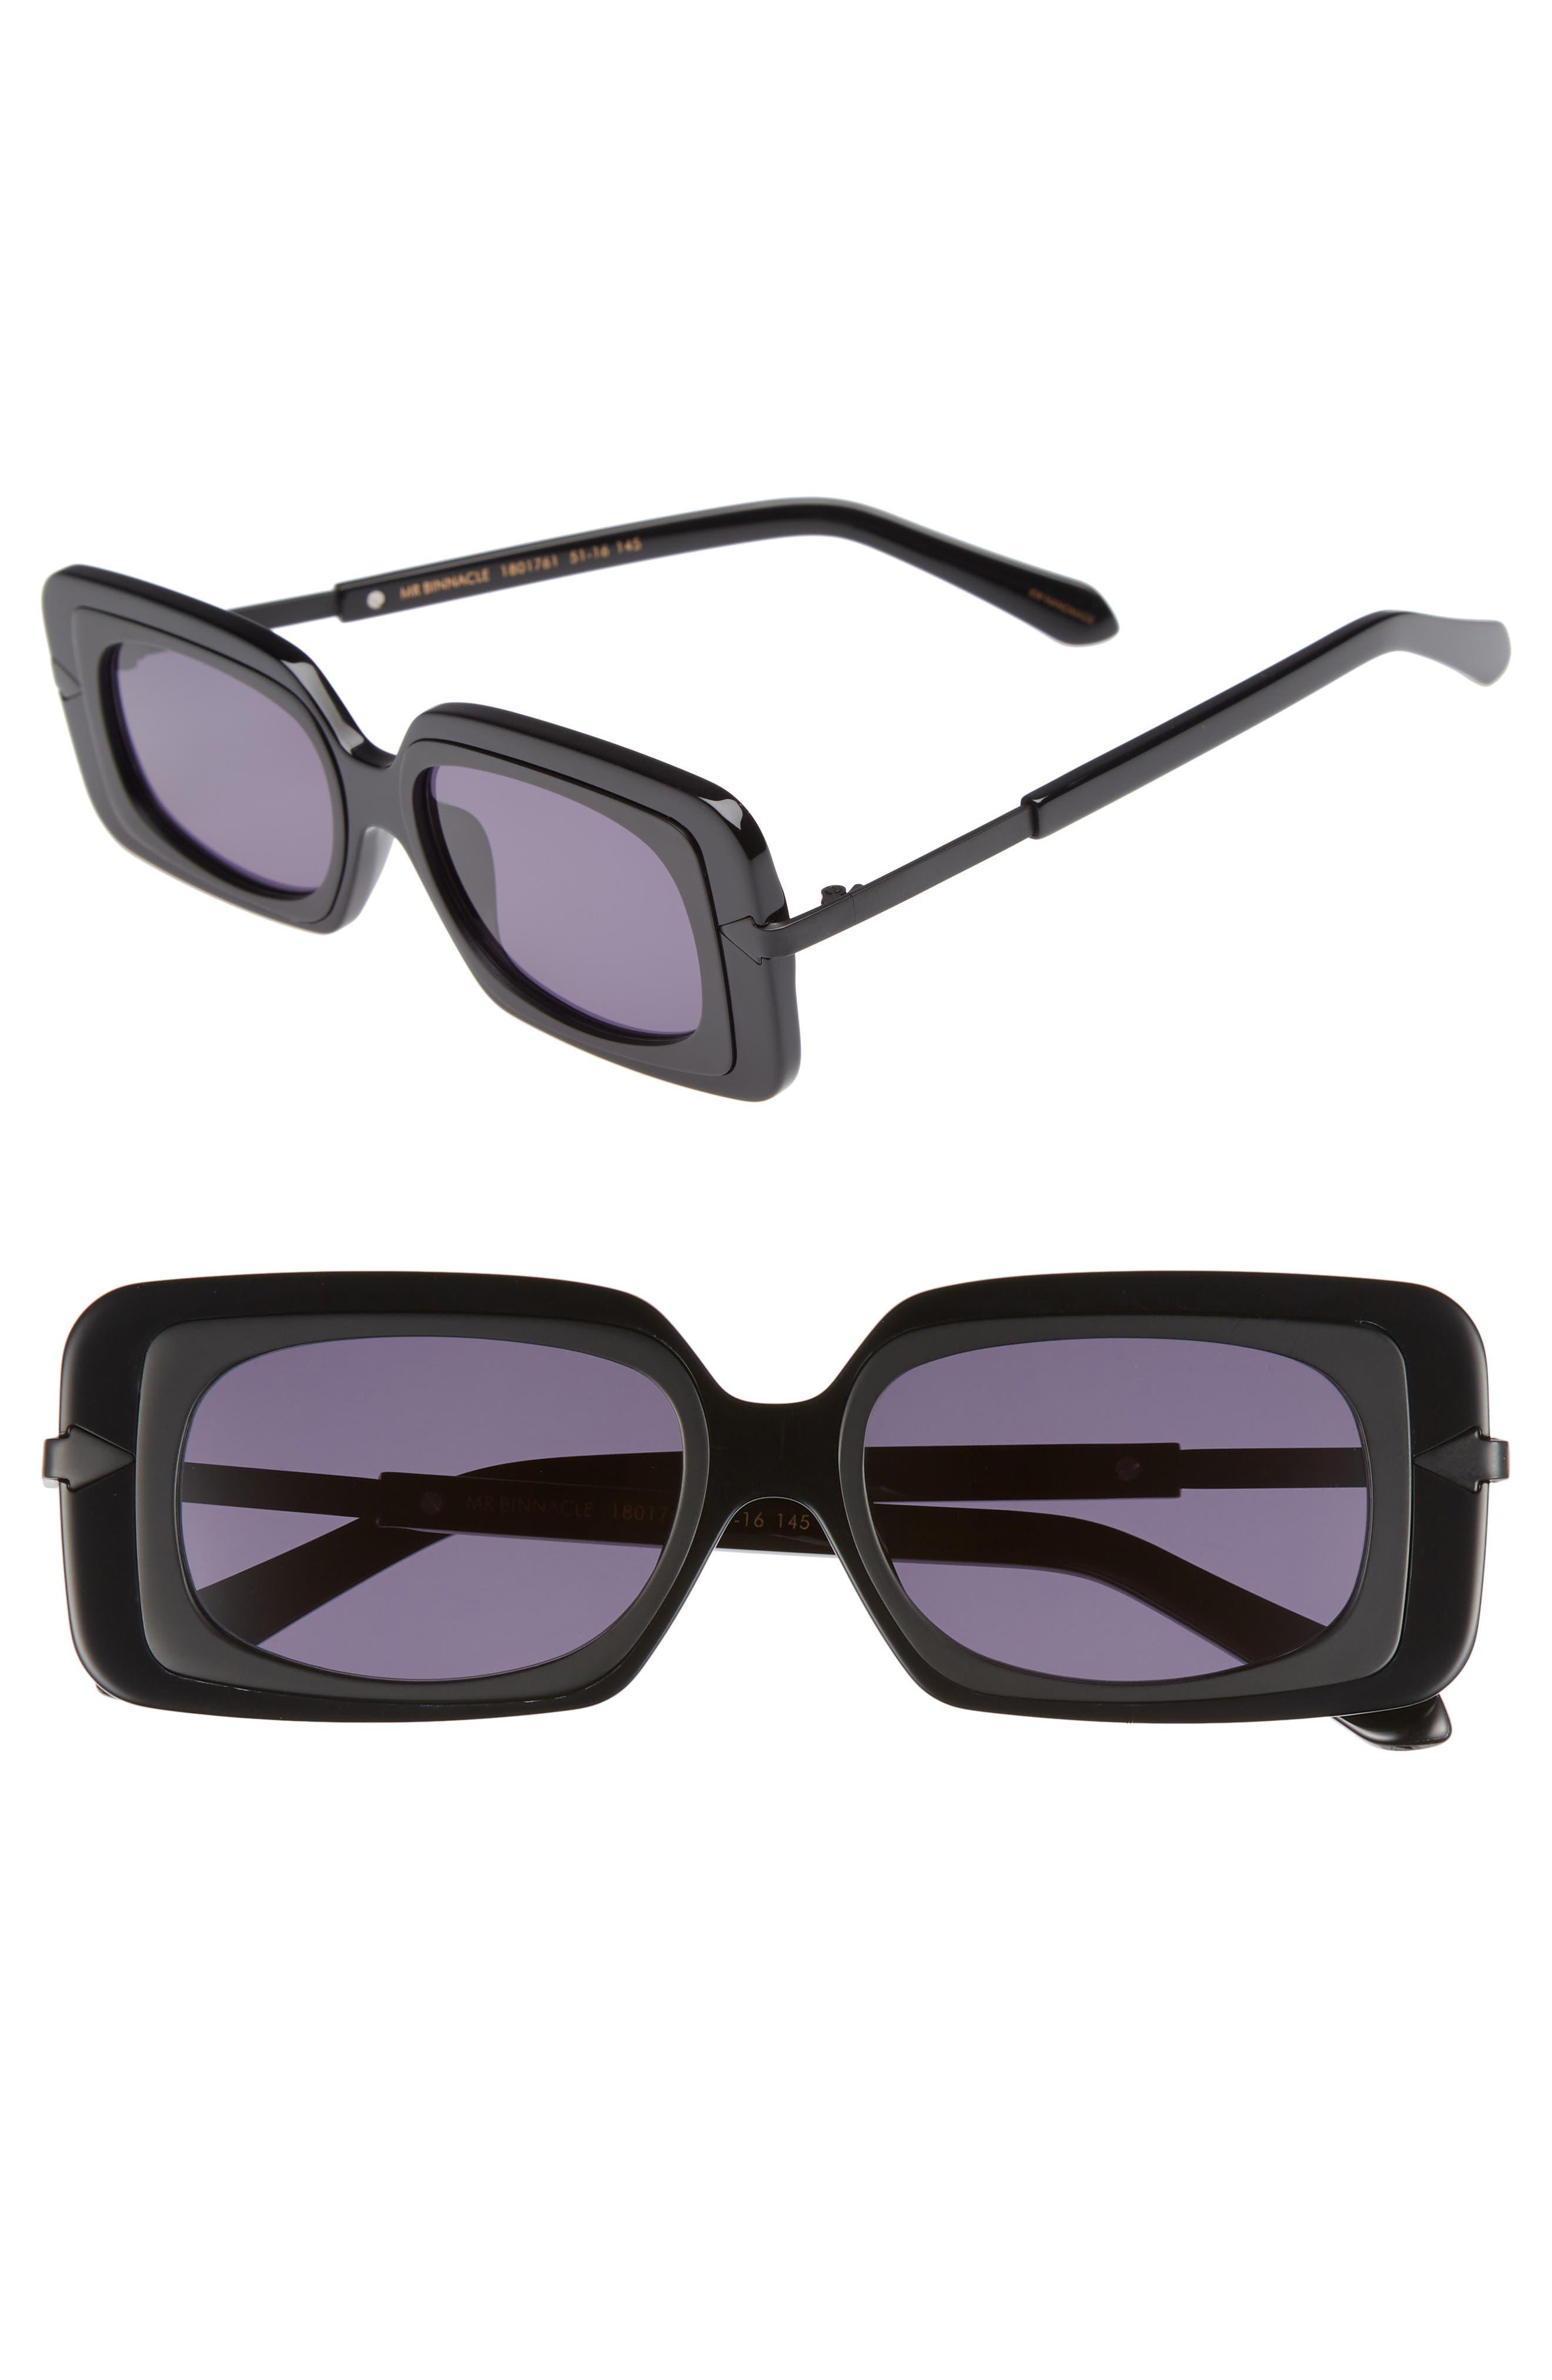 Mr. Binnacle 51mm Sunglasses,                         Main,                         color, Black